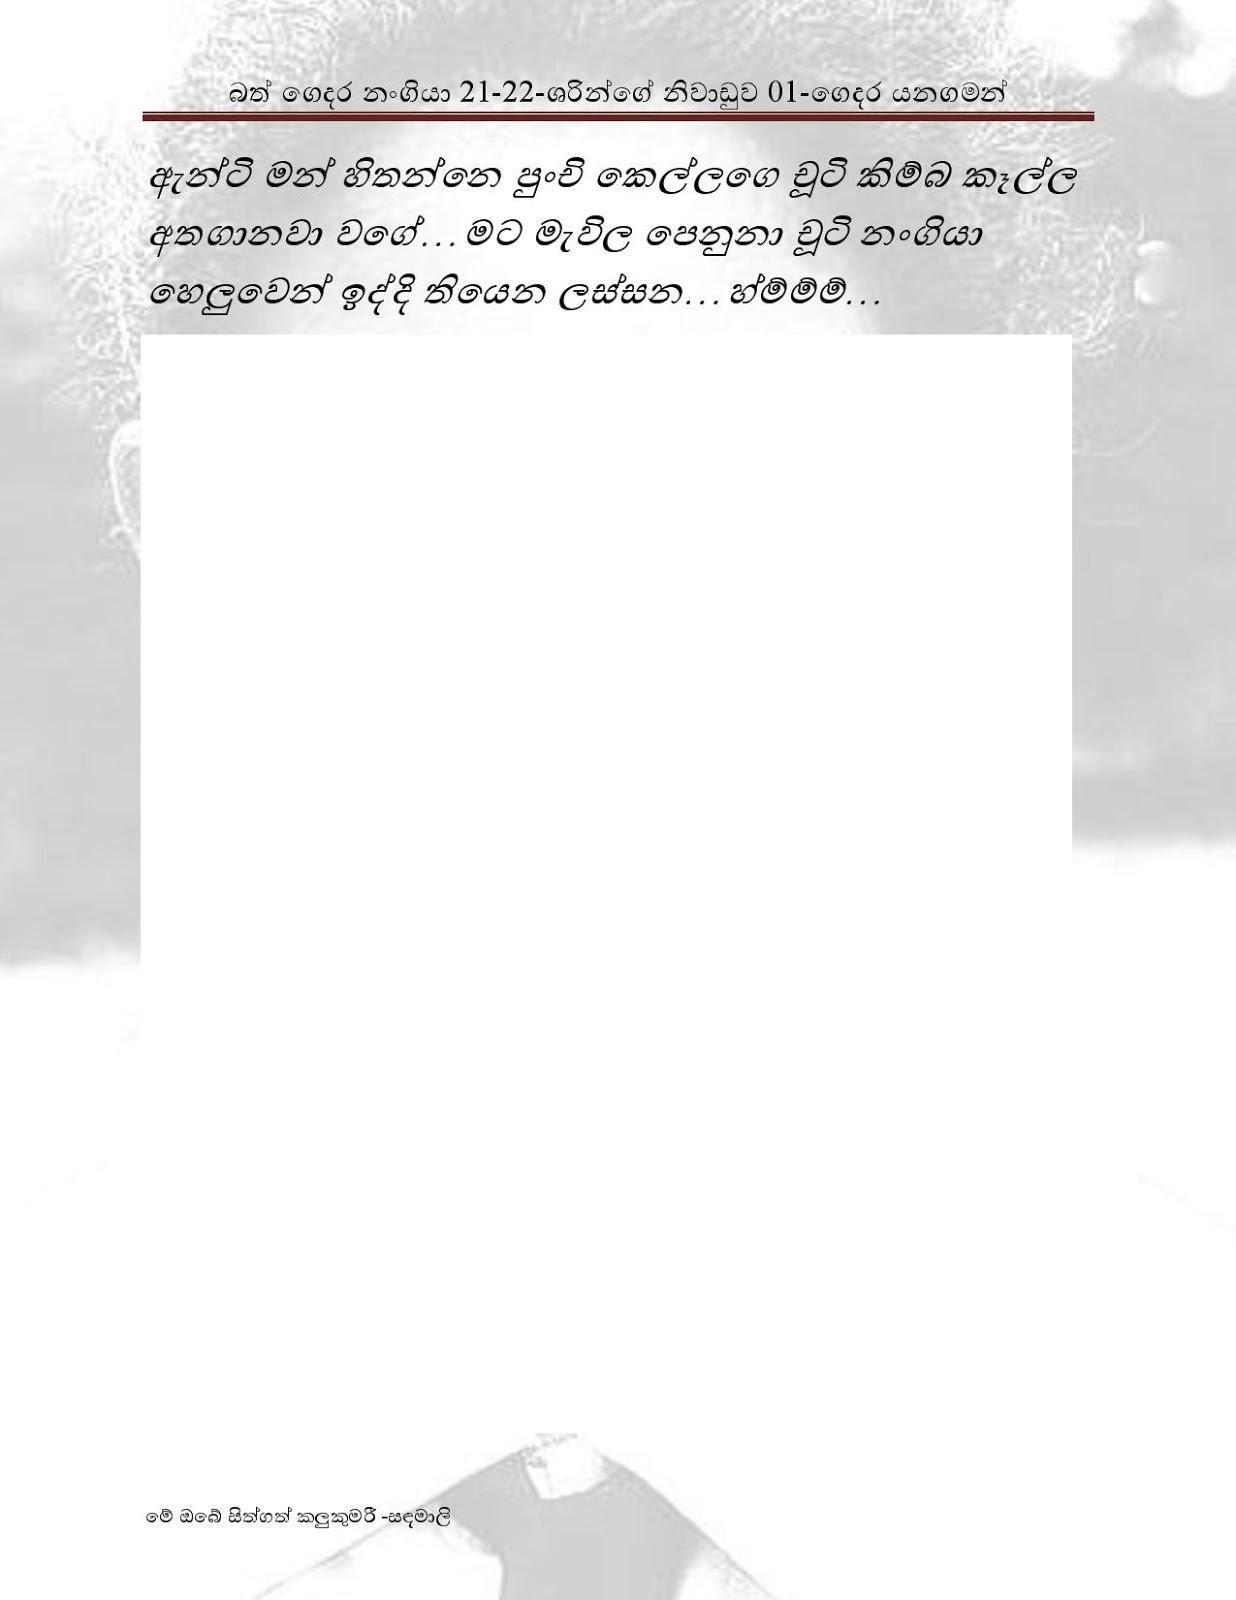 Ammage Hora Weda - Sinhala Wal Katha